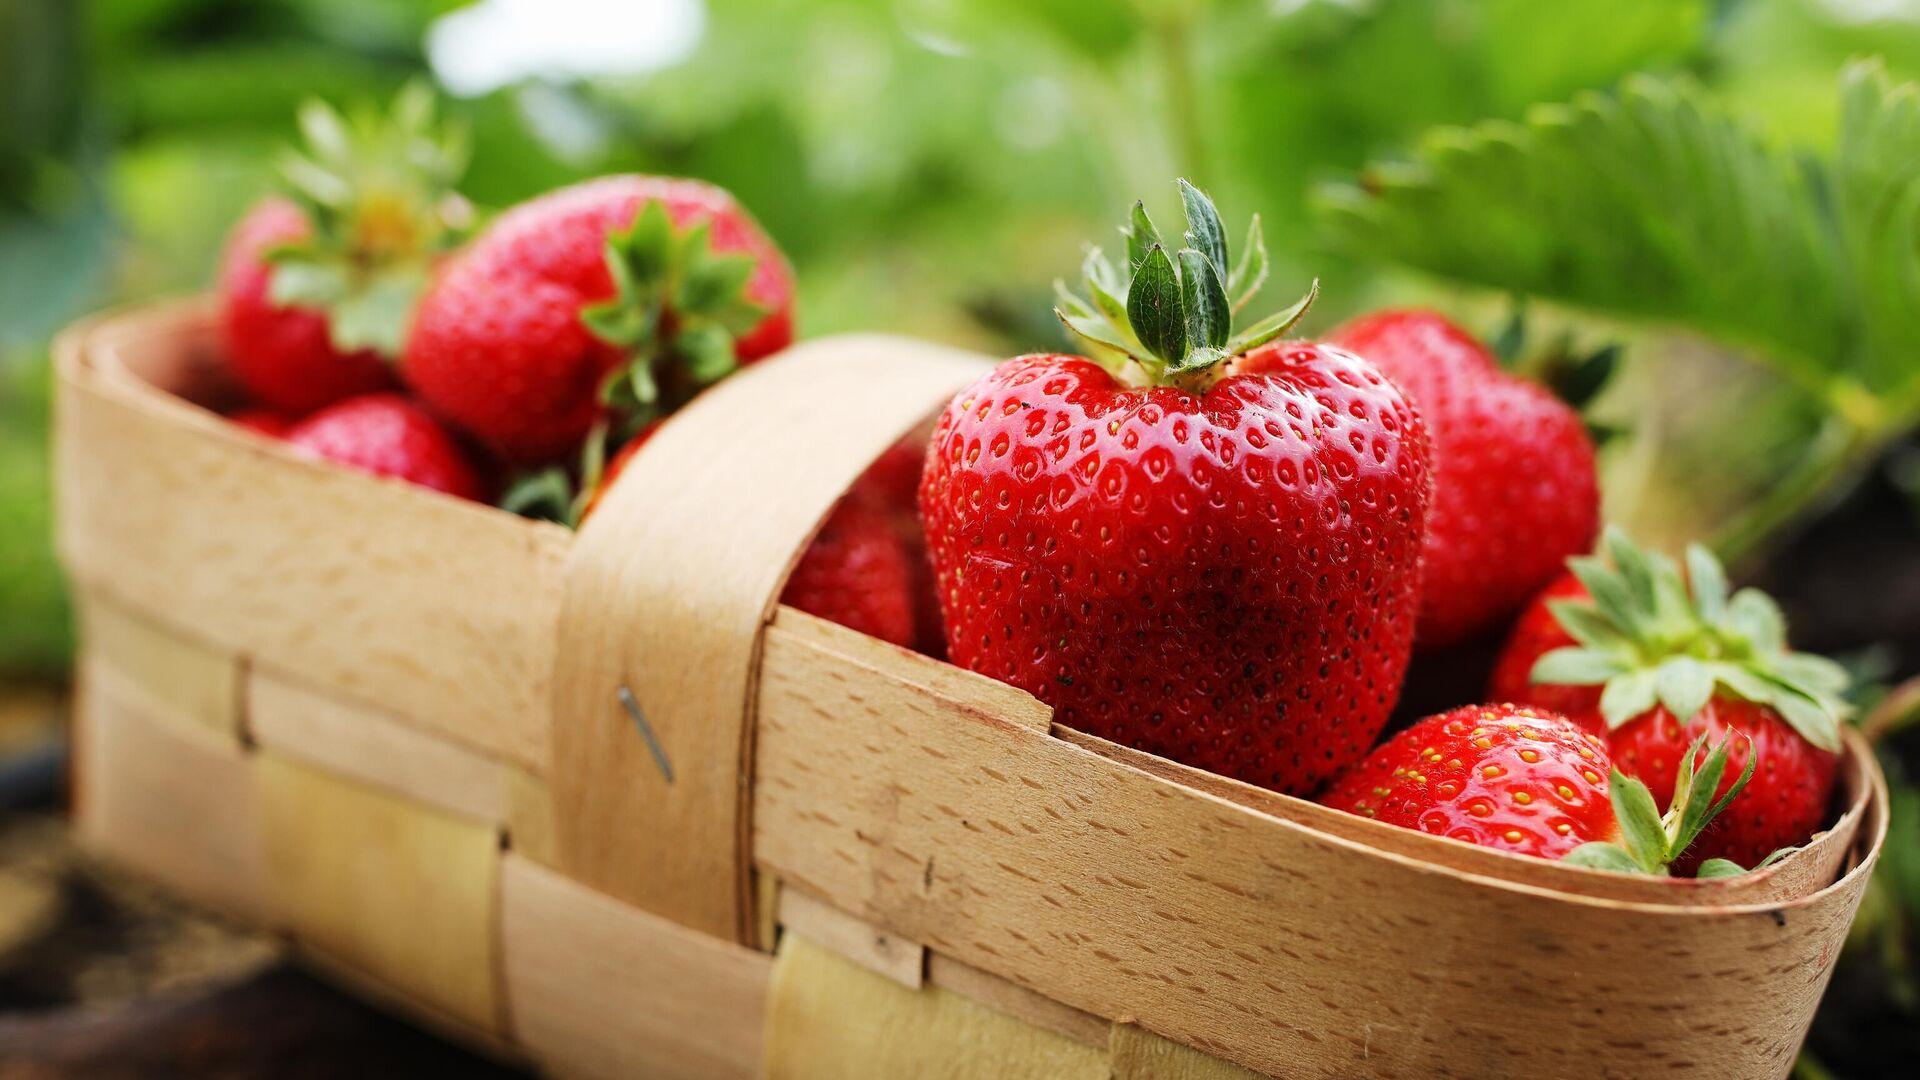 Ученые назвали витамин, защищающий от атеросклероза